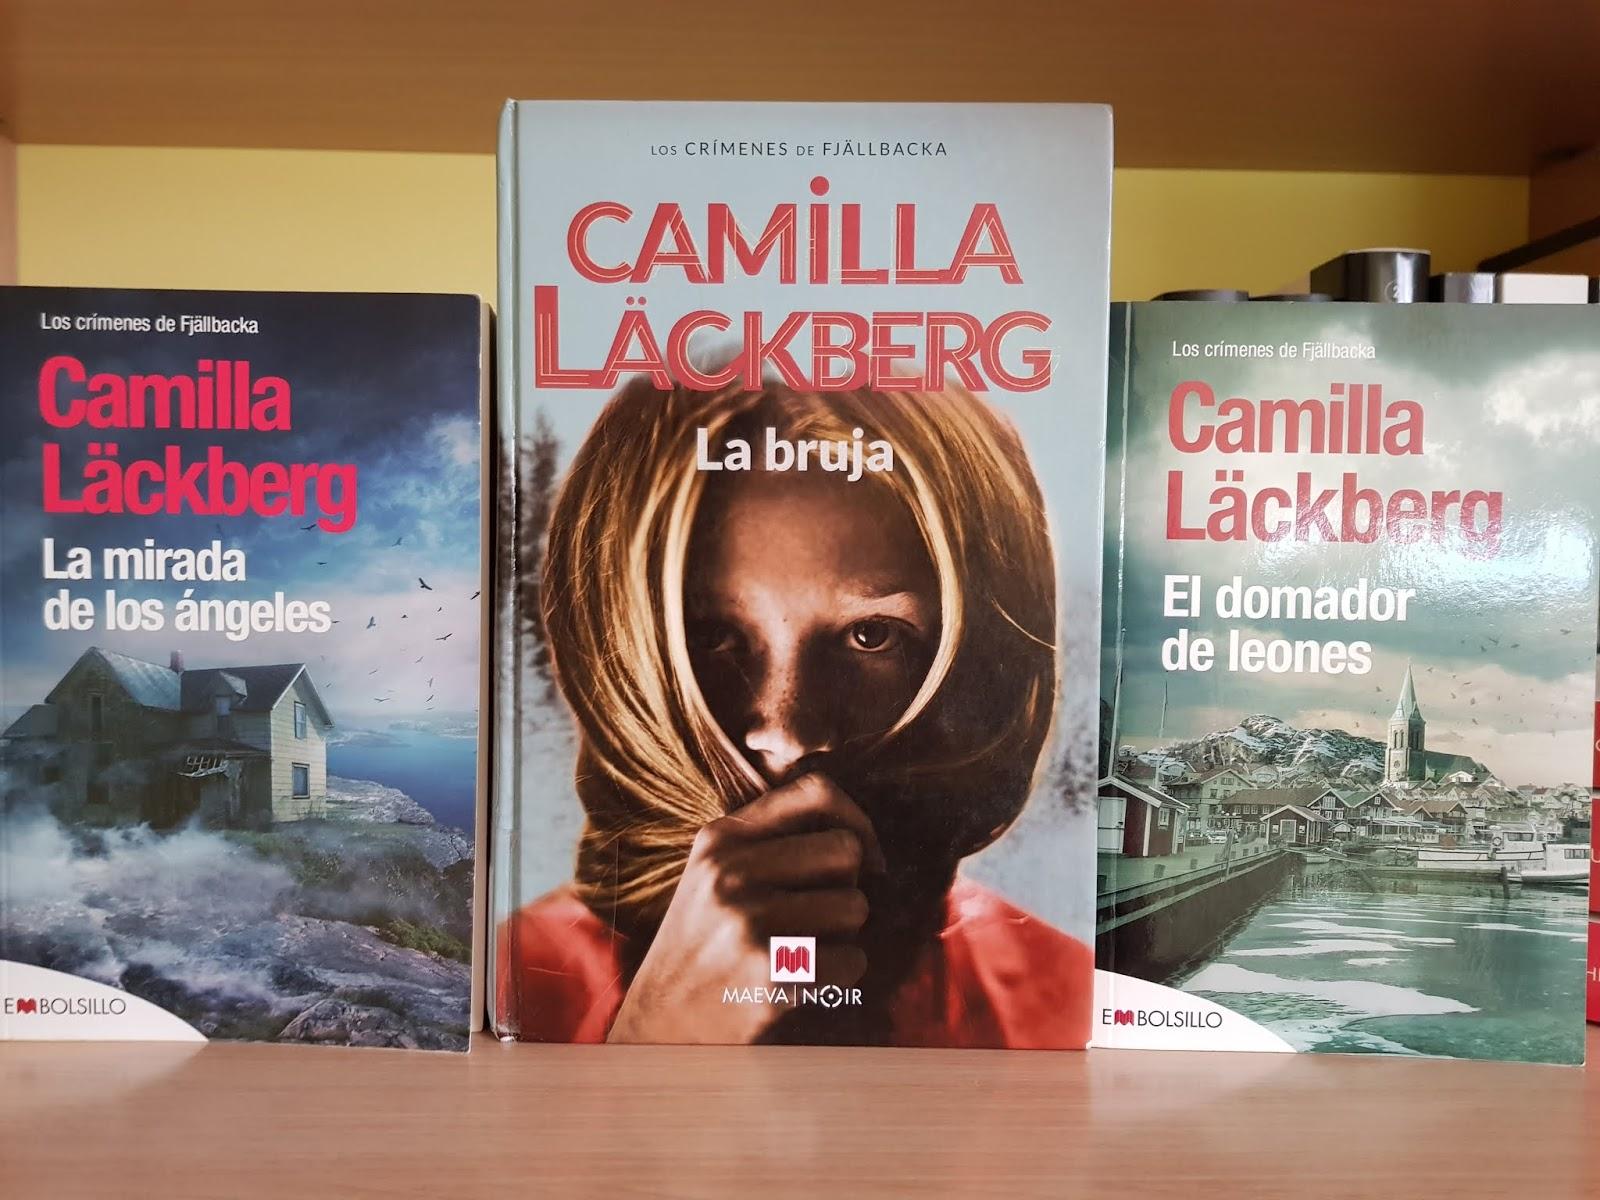 La bruja - Camilla Läckberg. martes, 29 de enero de 2019